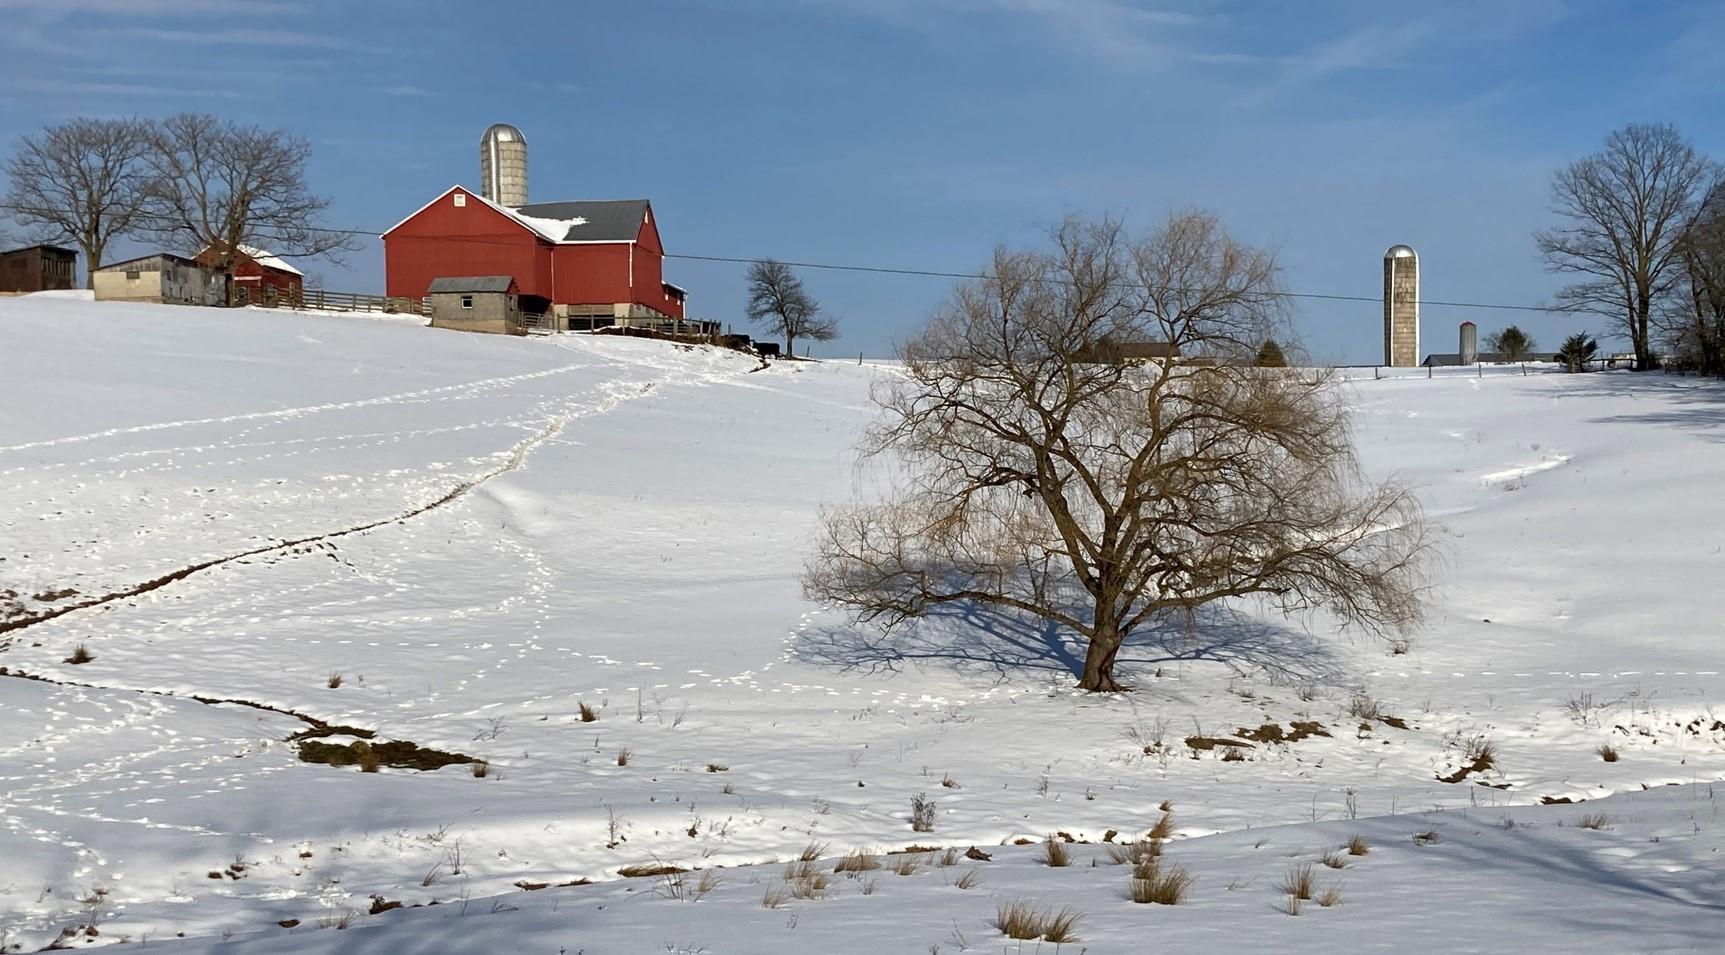 Winter Scene in Union Township